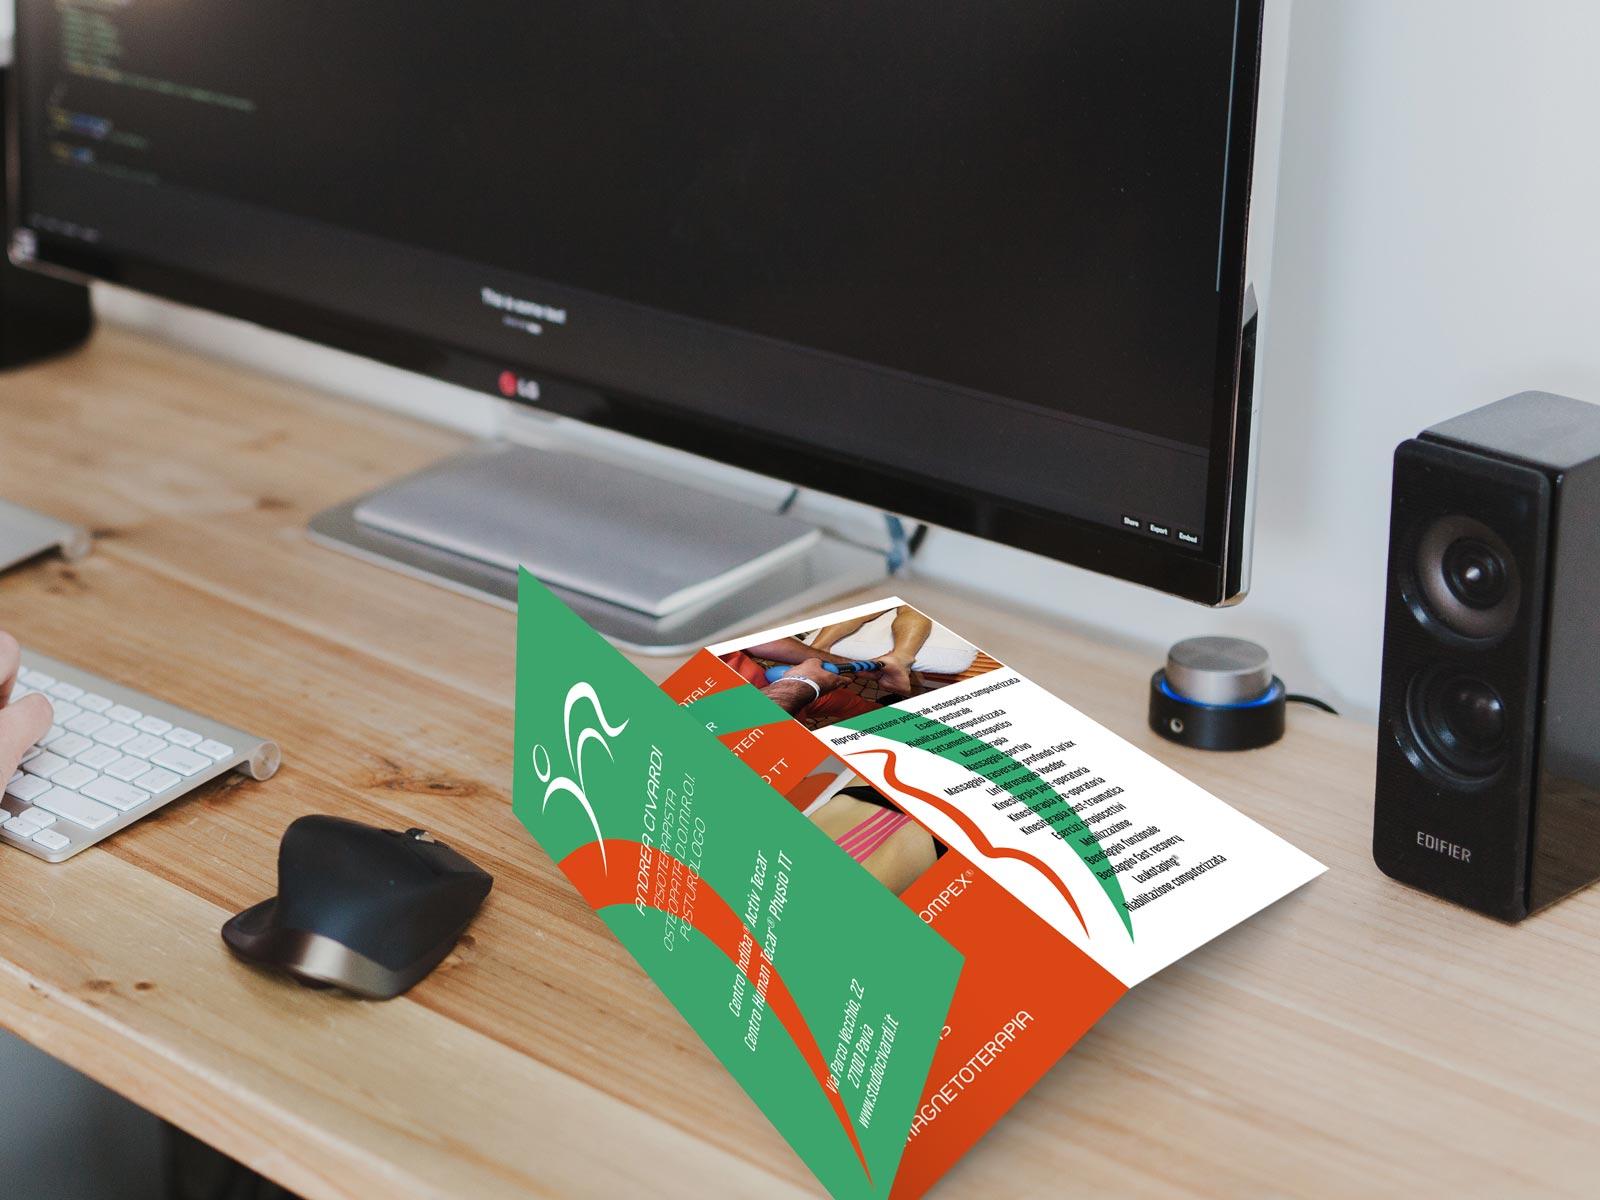 brochure-volantini-biglietto-visita-marketing-siti-web-design-progettazione-grafica-geofelix-8